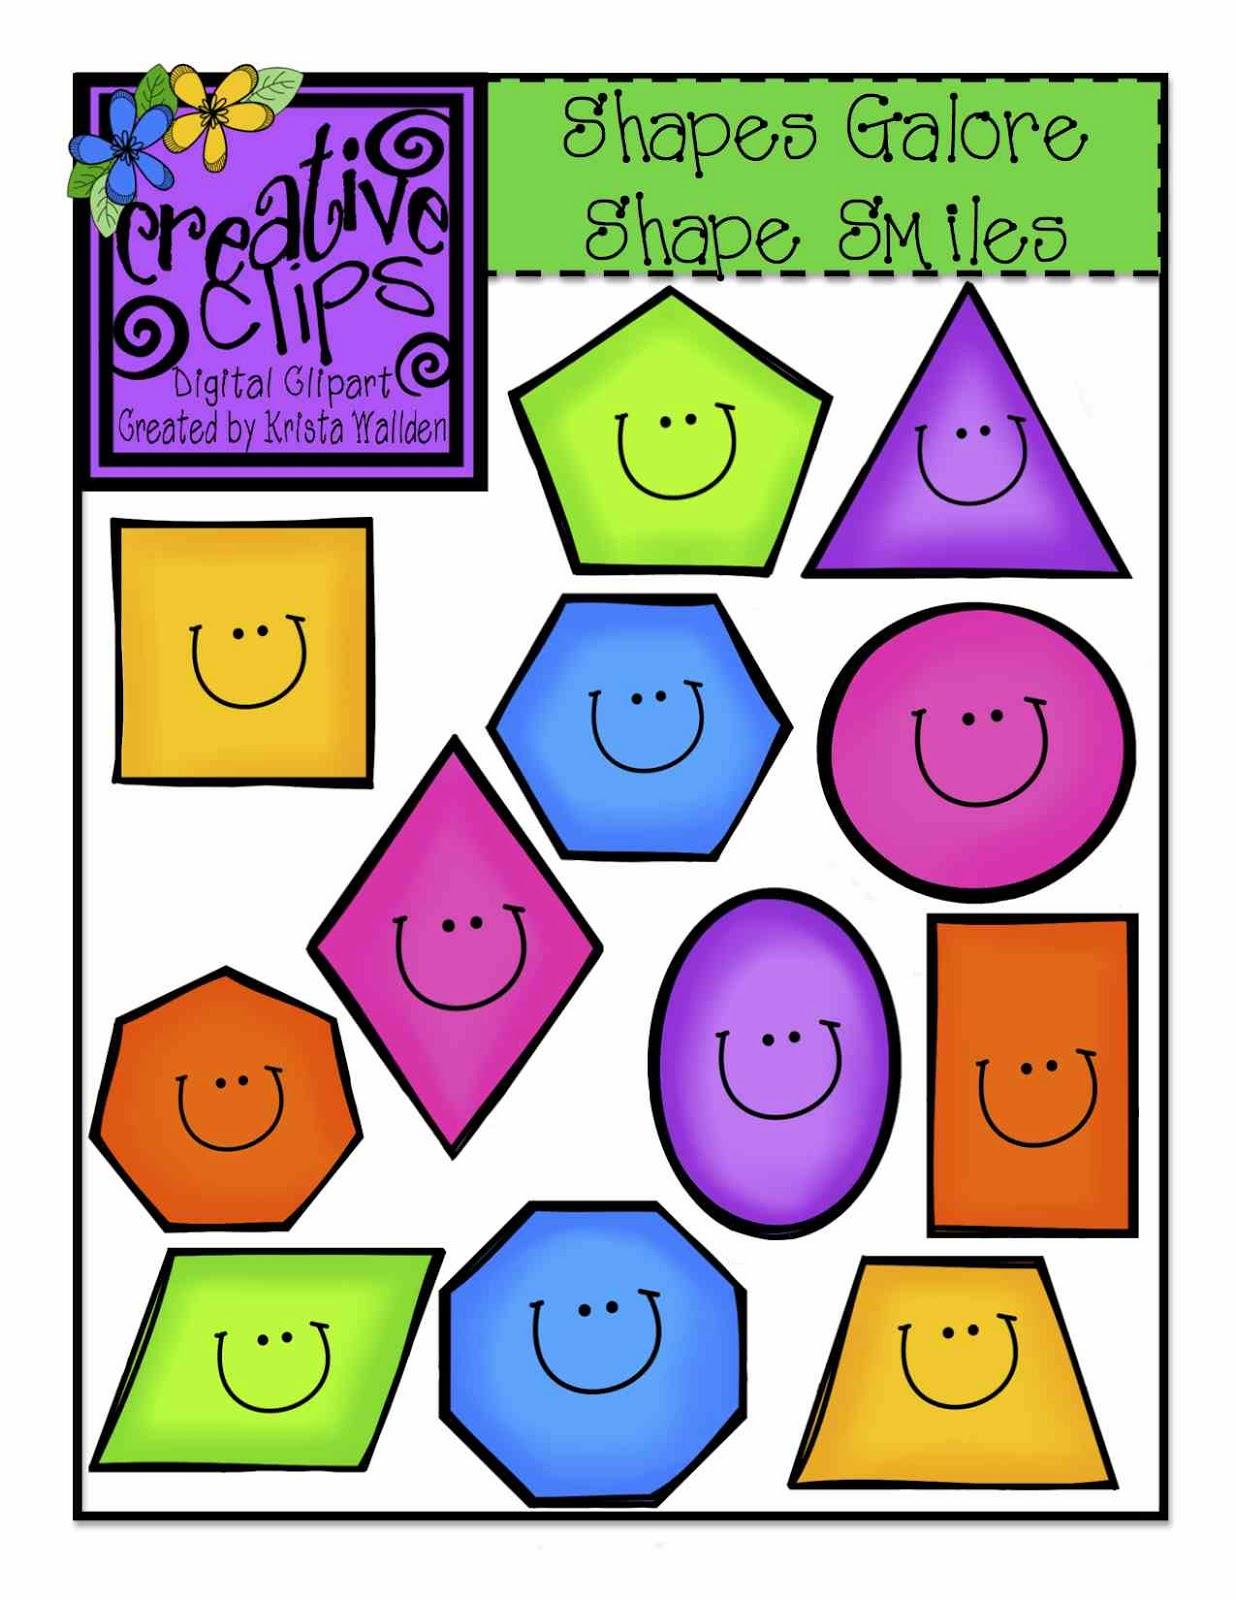 ... Shape Clipart | Free Download Clip A-... Shape Clipart | Free Download Clip Art | Free Clip Art | on .-14